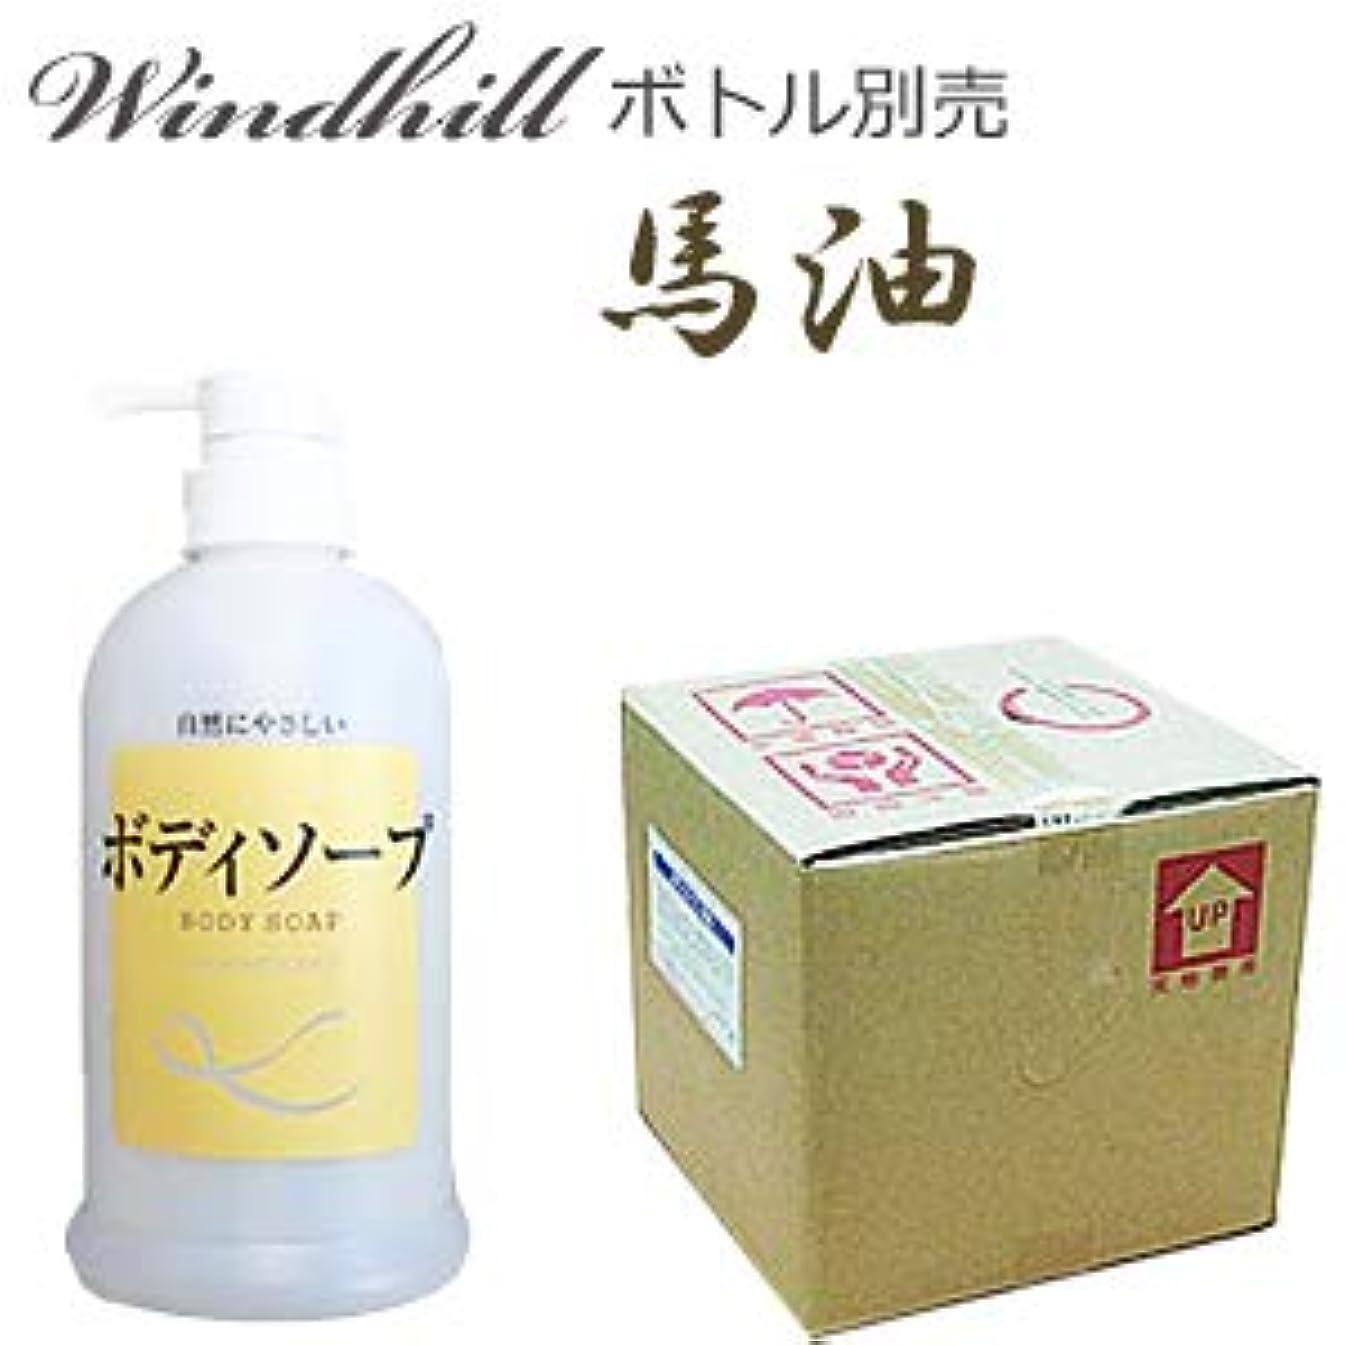 高原ハック悲惨なんと! 500ml当り190円 Windhill 馬油 業務用 ボディソープ   フローラルの香り 20L